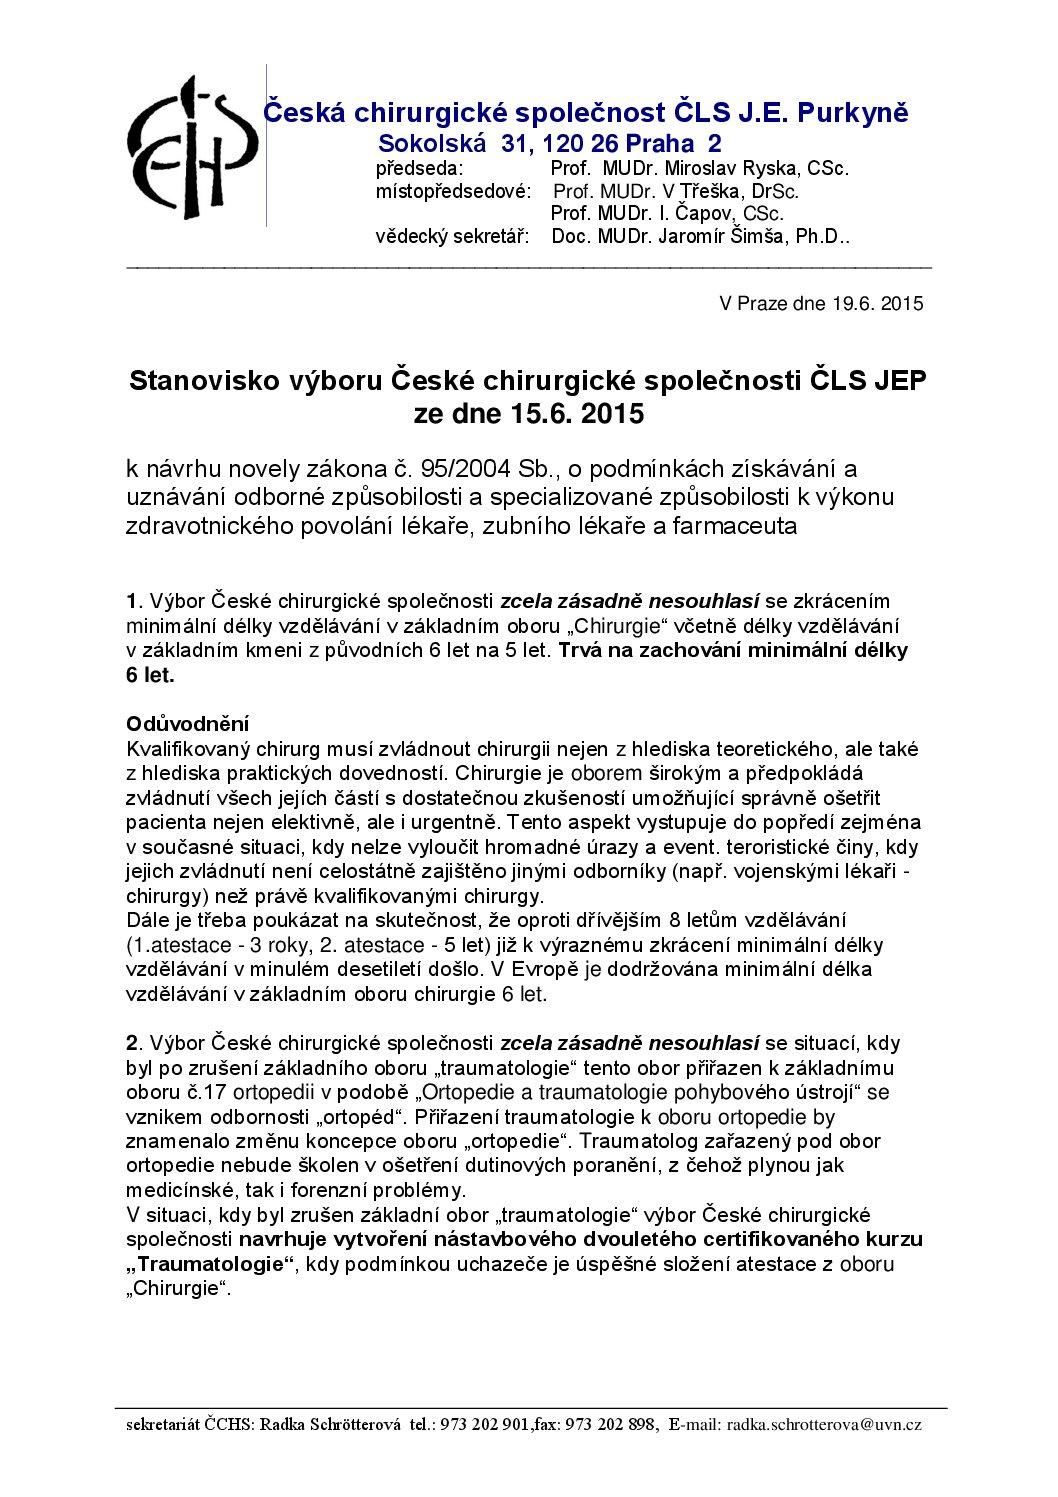 Stanovisko výboru ČCHS ČLS JEP knávrhu novely zákona č. 952004 Sb